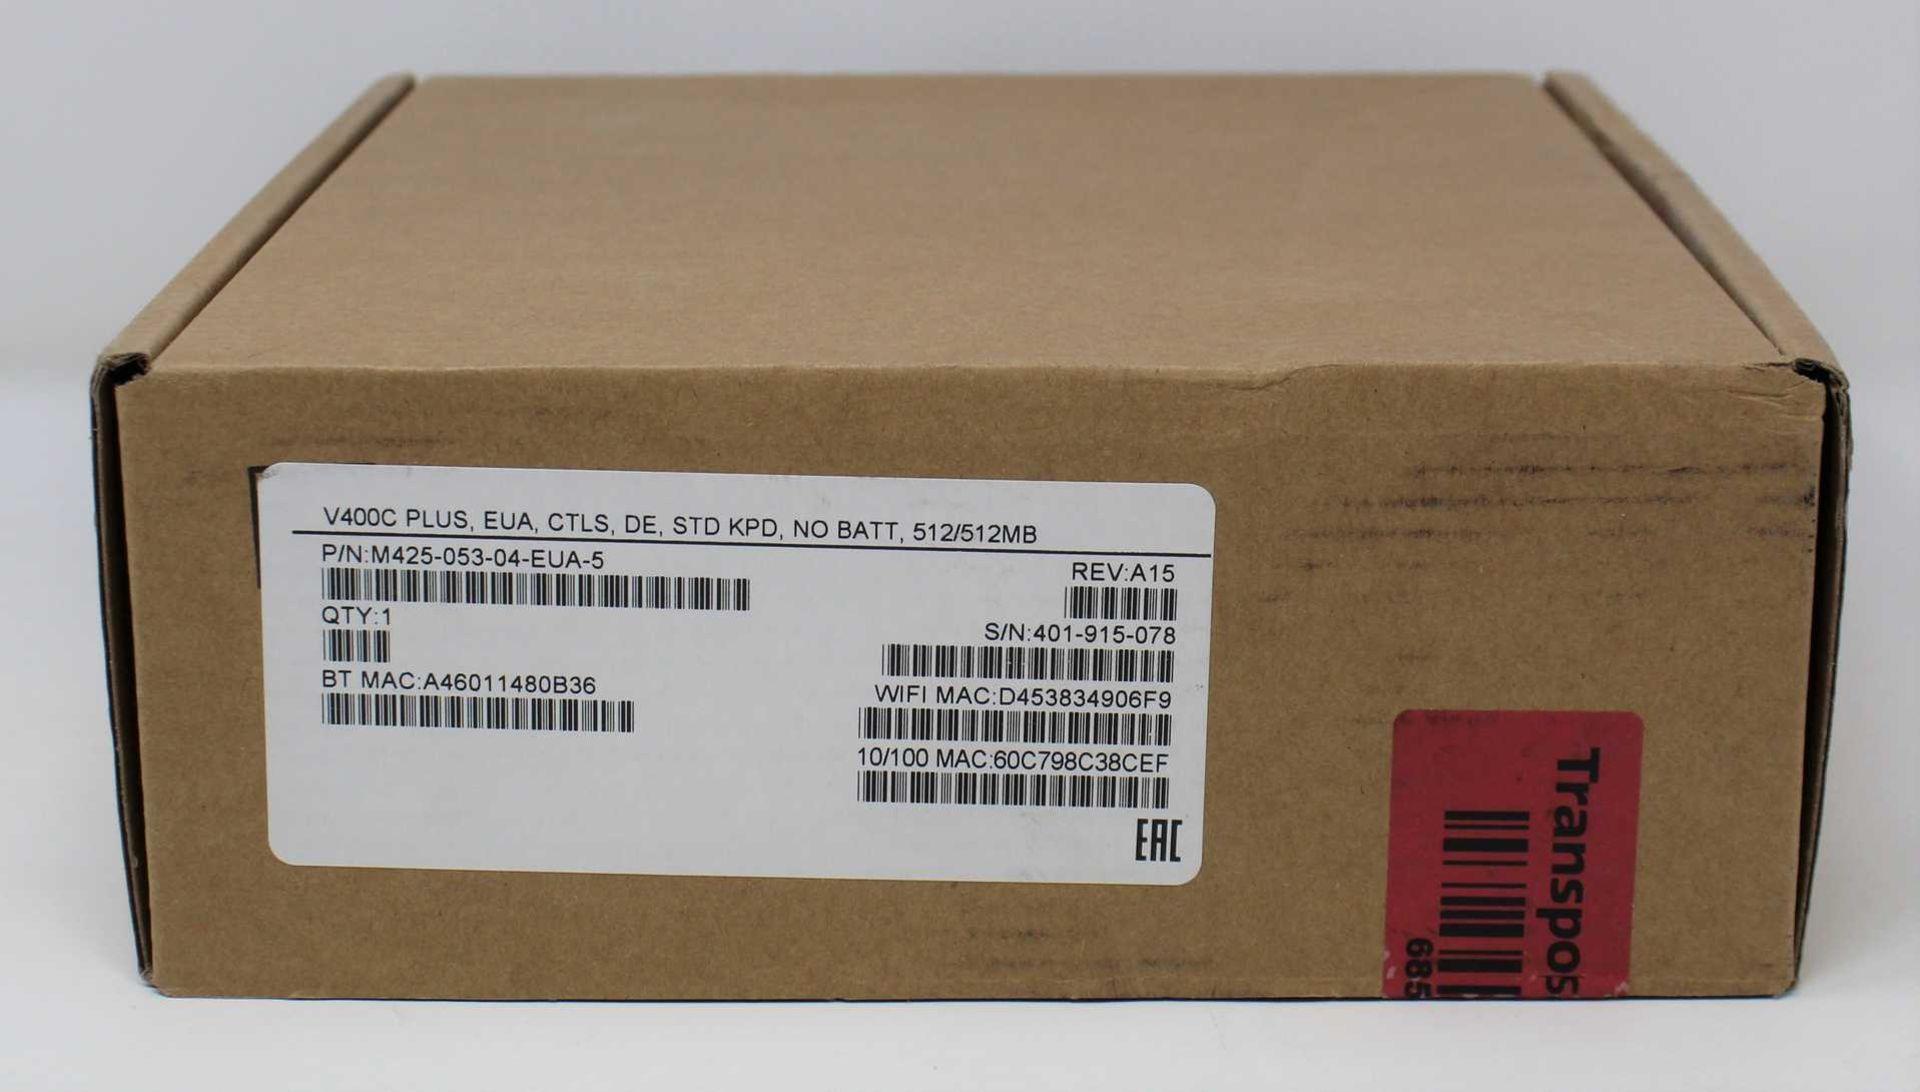 A boxed as new Verifone V400C Plus Touchscreen Payment Terminal (VC400C PLUS, EUA, CTLS, DE, STD